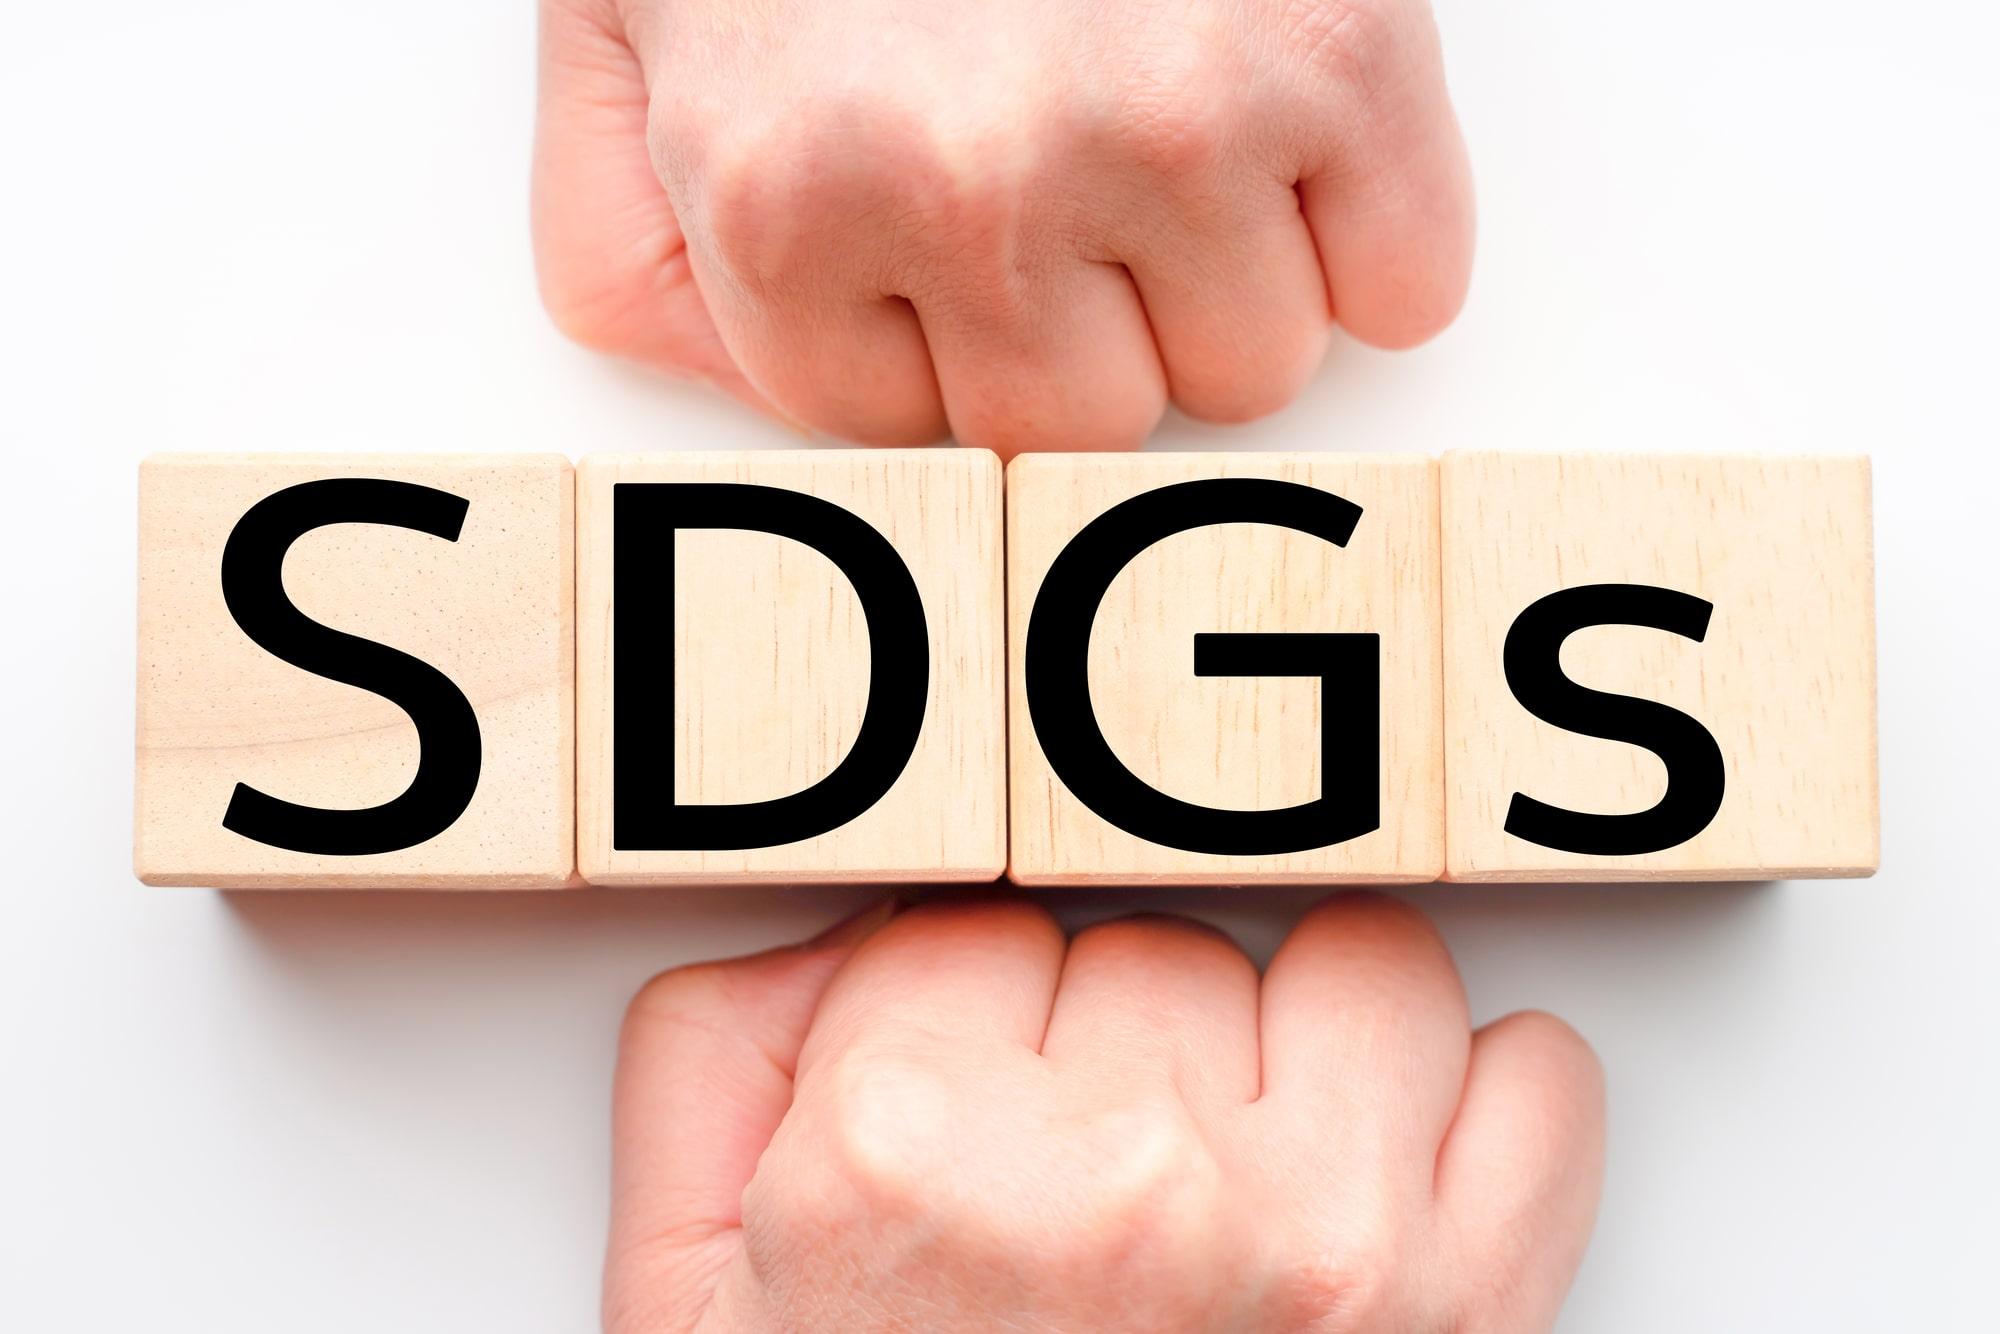 コロナ後のSDGs、日本企業はいかに経営戦略に落とし込むべきか